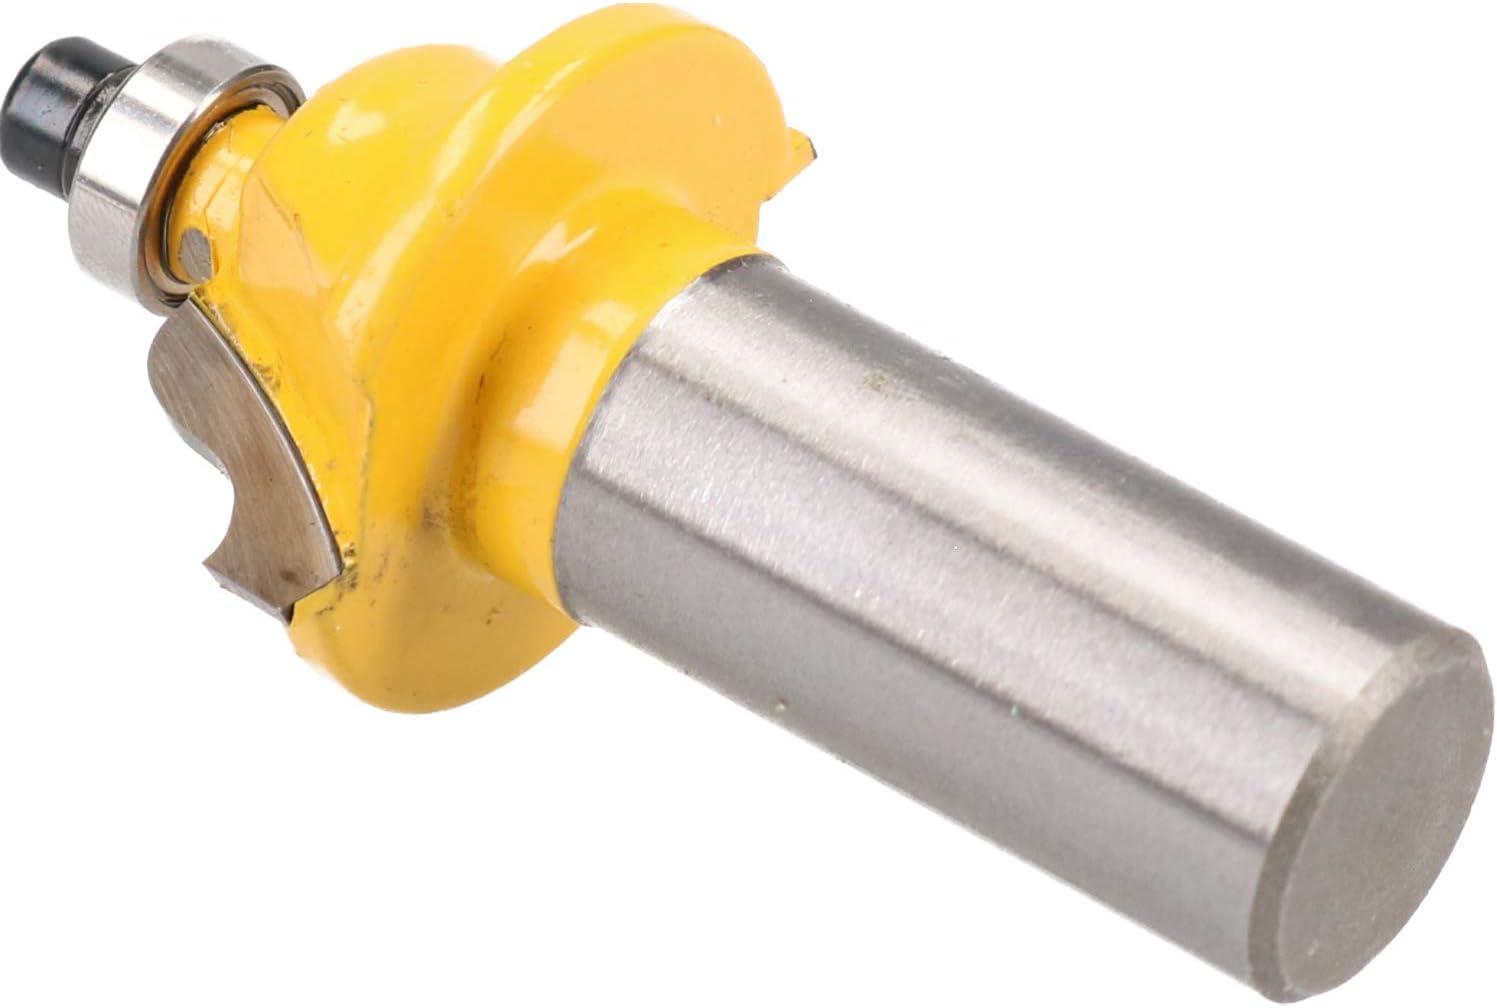 3 Pack TCT Roman Ogee Edging Router Bit 25mm D 4mm Radius Cut Tool 1//2 Shank